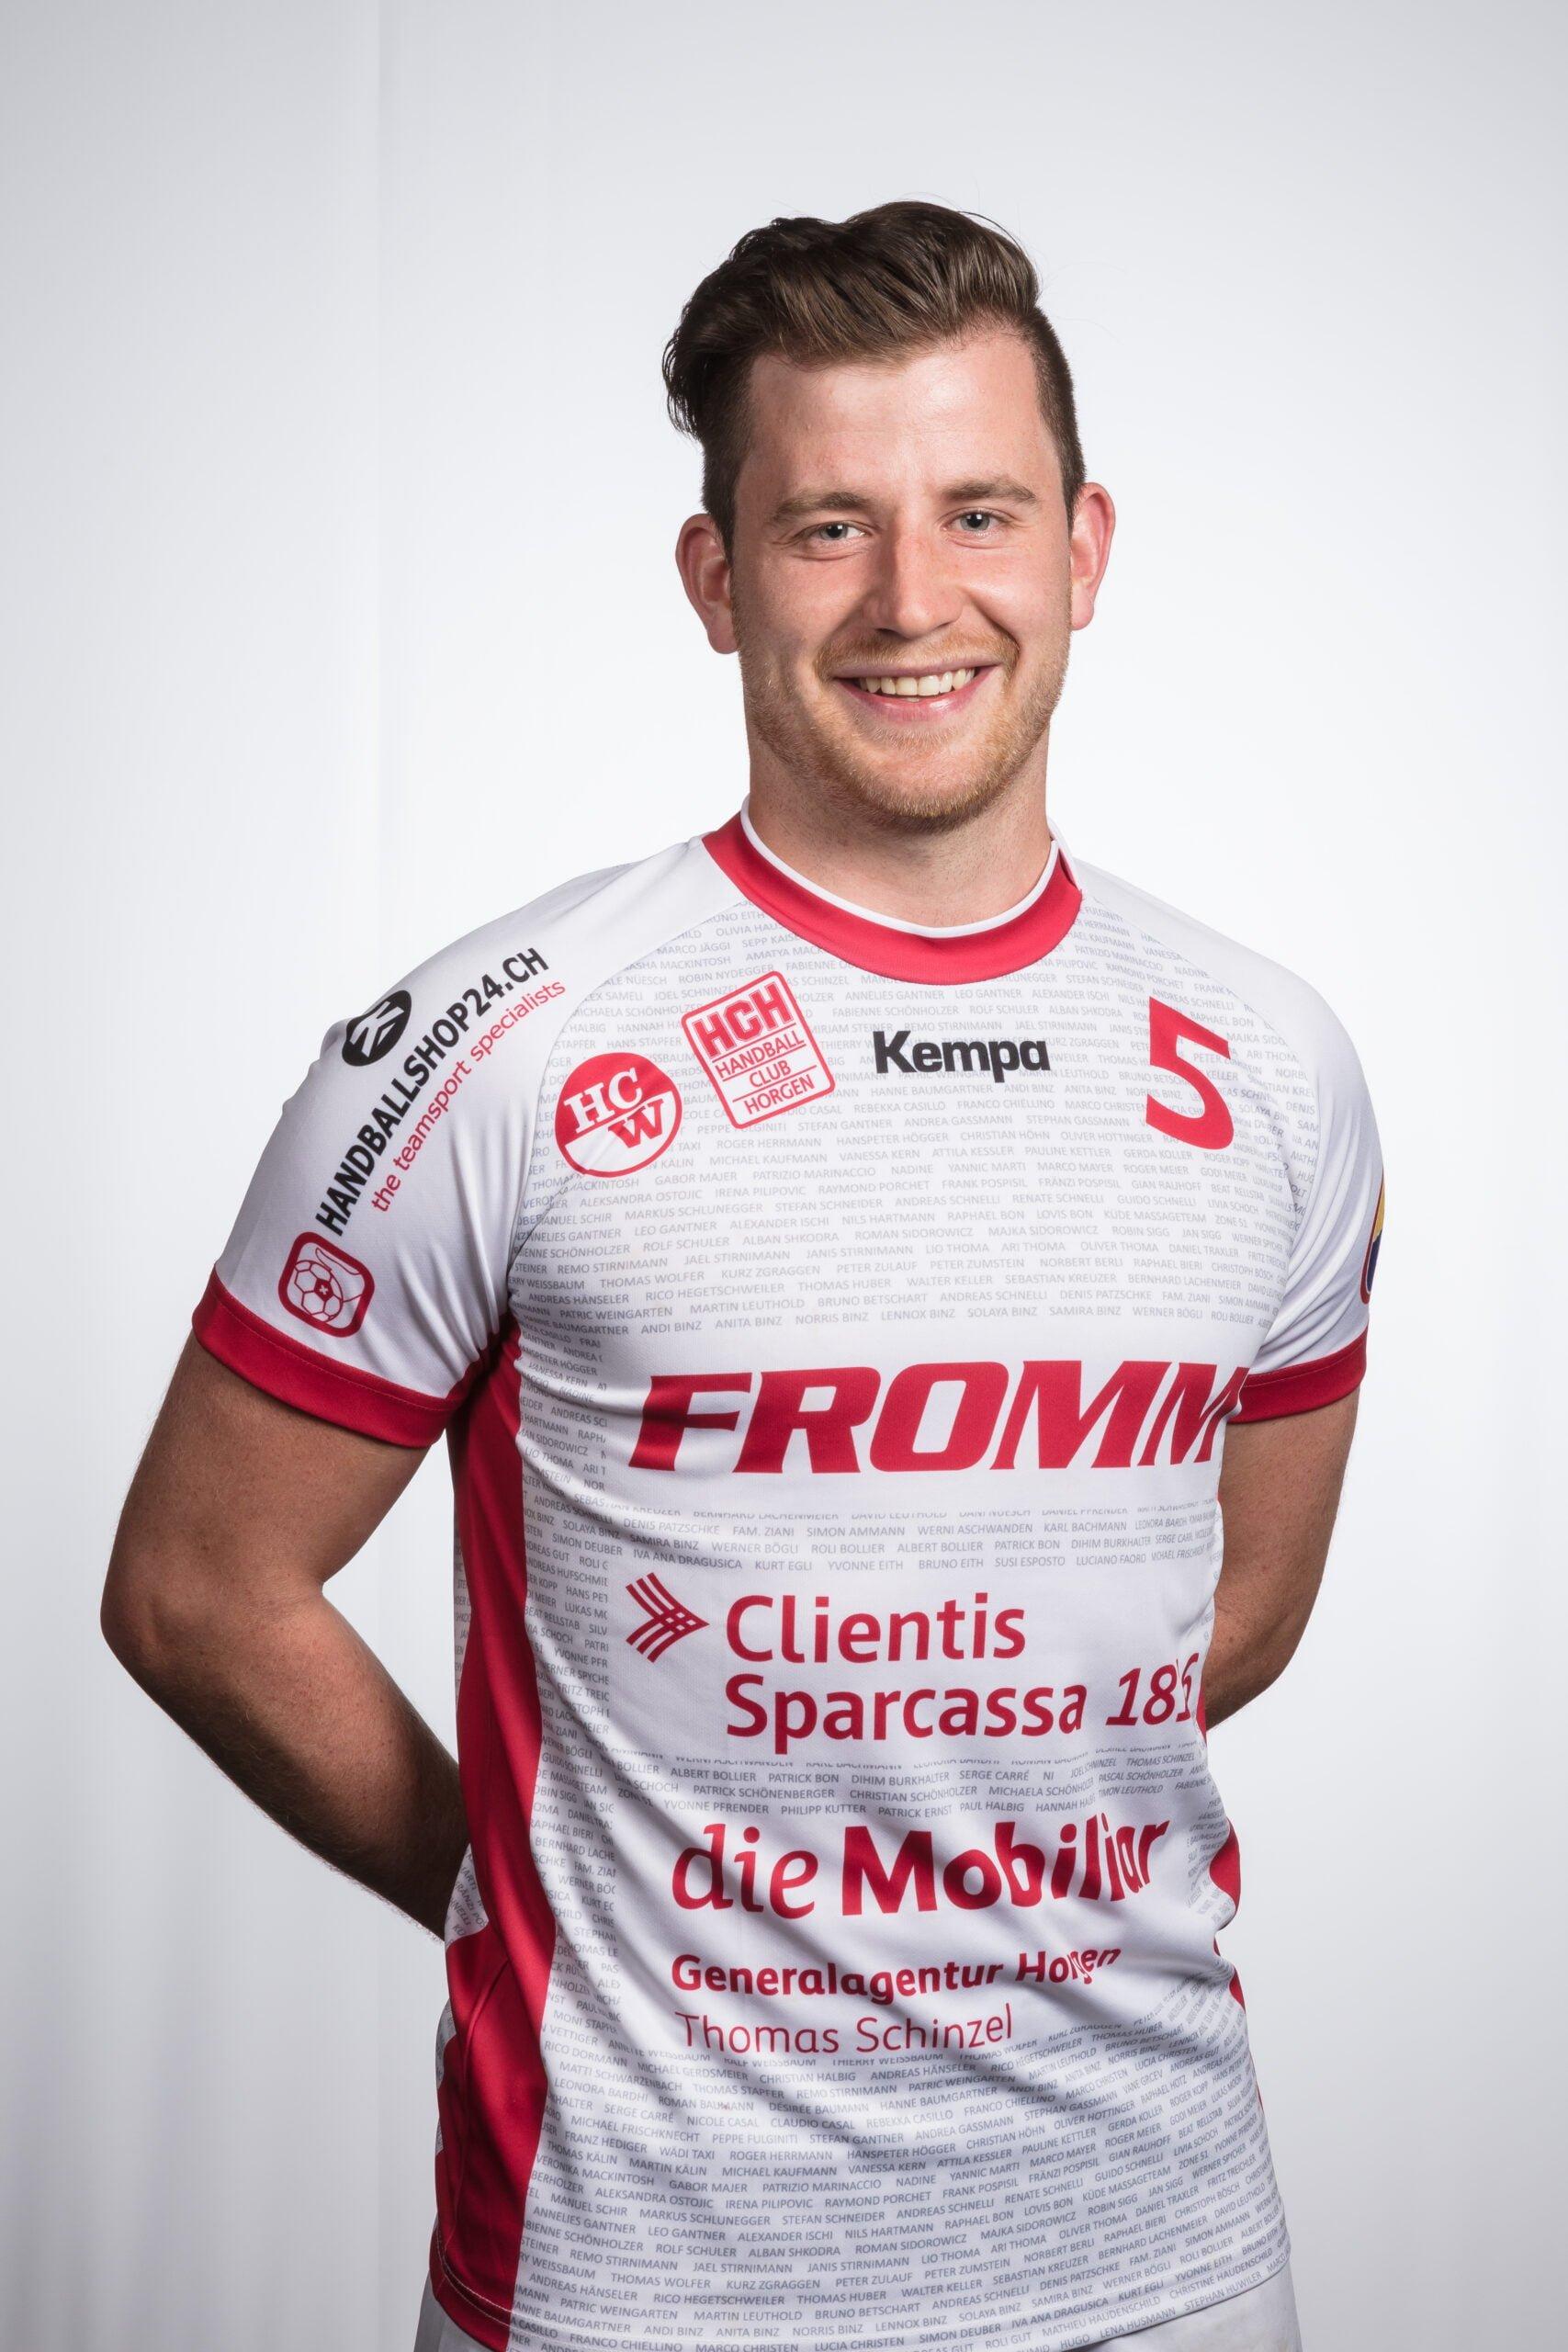 Christian Gantner